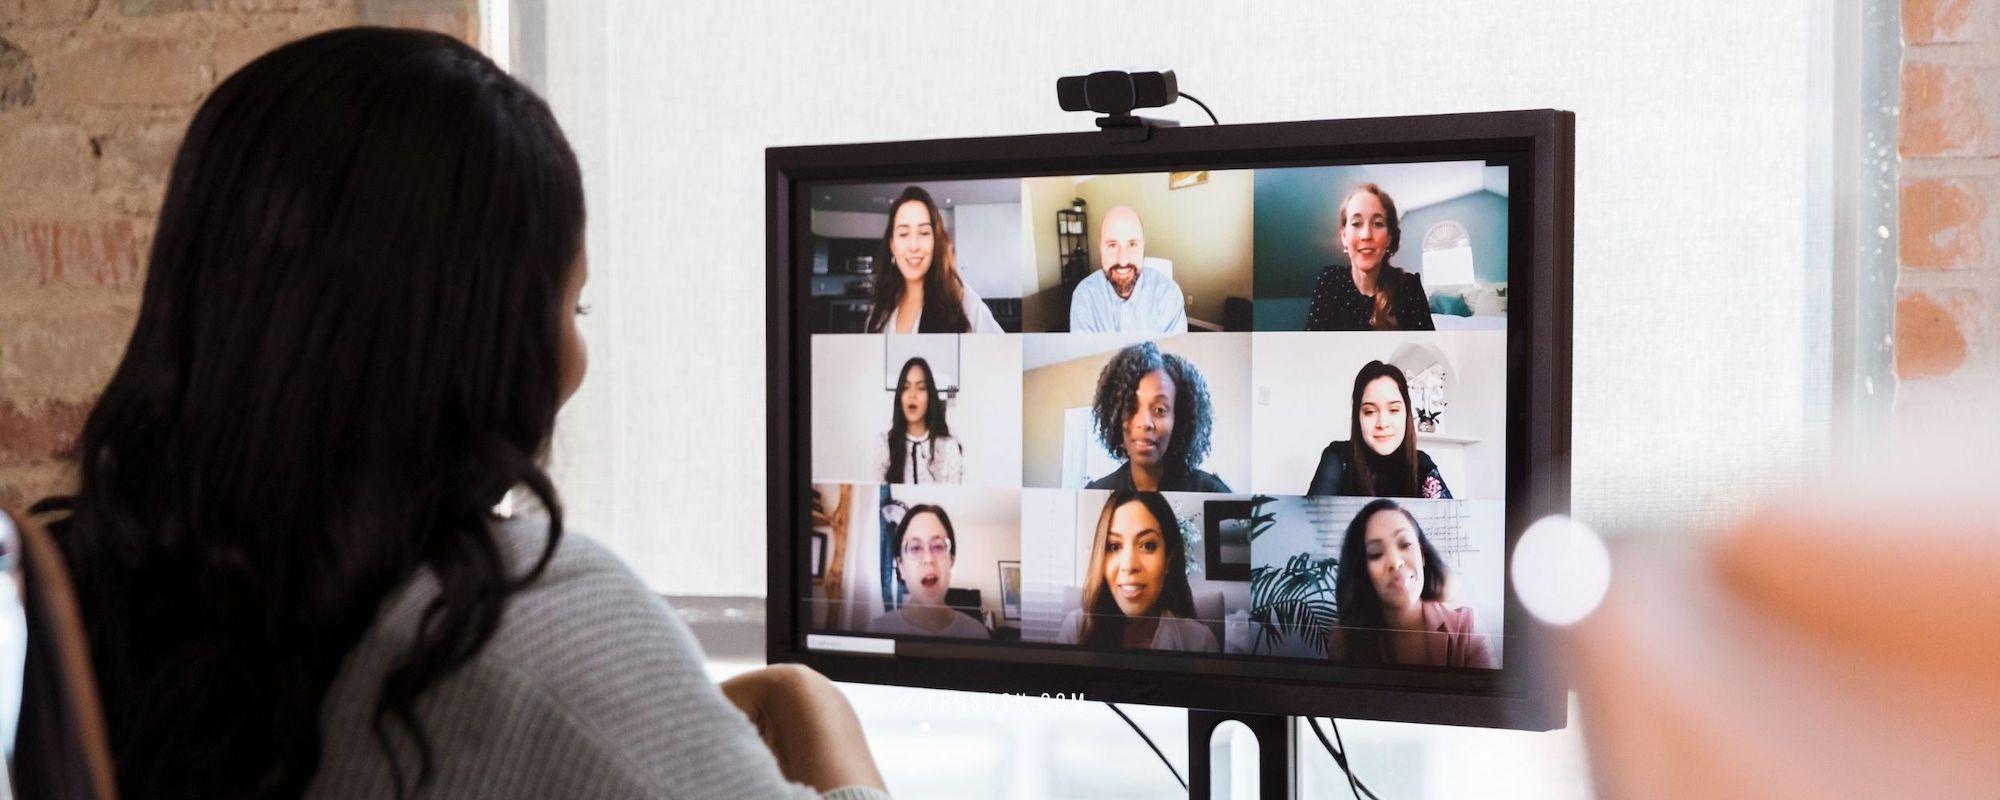 Ayolah, Kalau Virtual Meeting Itu, Nyalakan Kamera Dong!